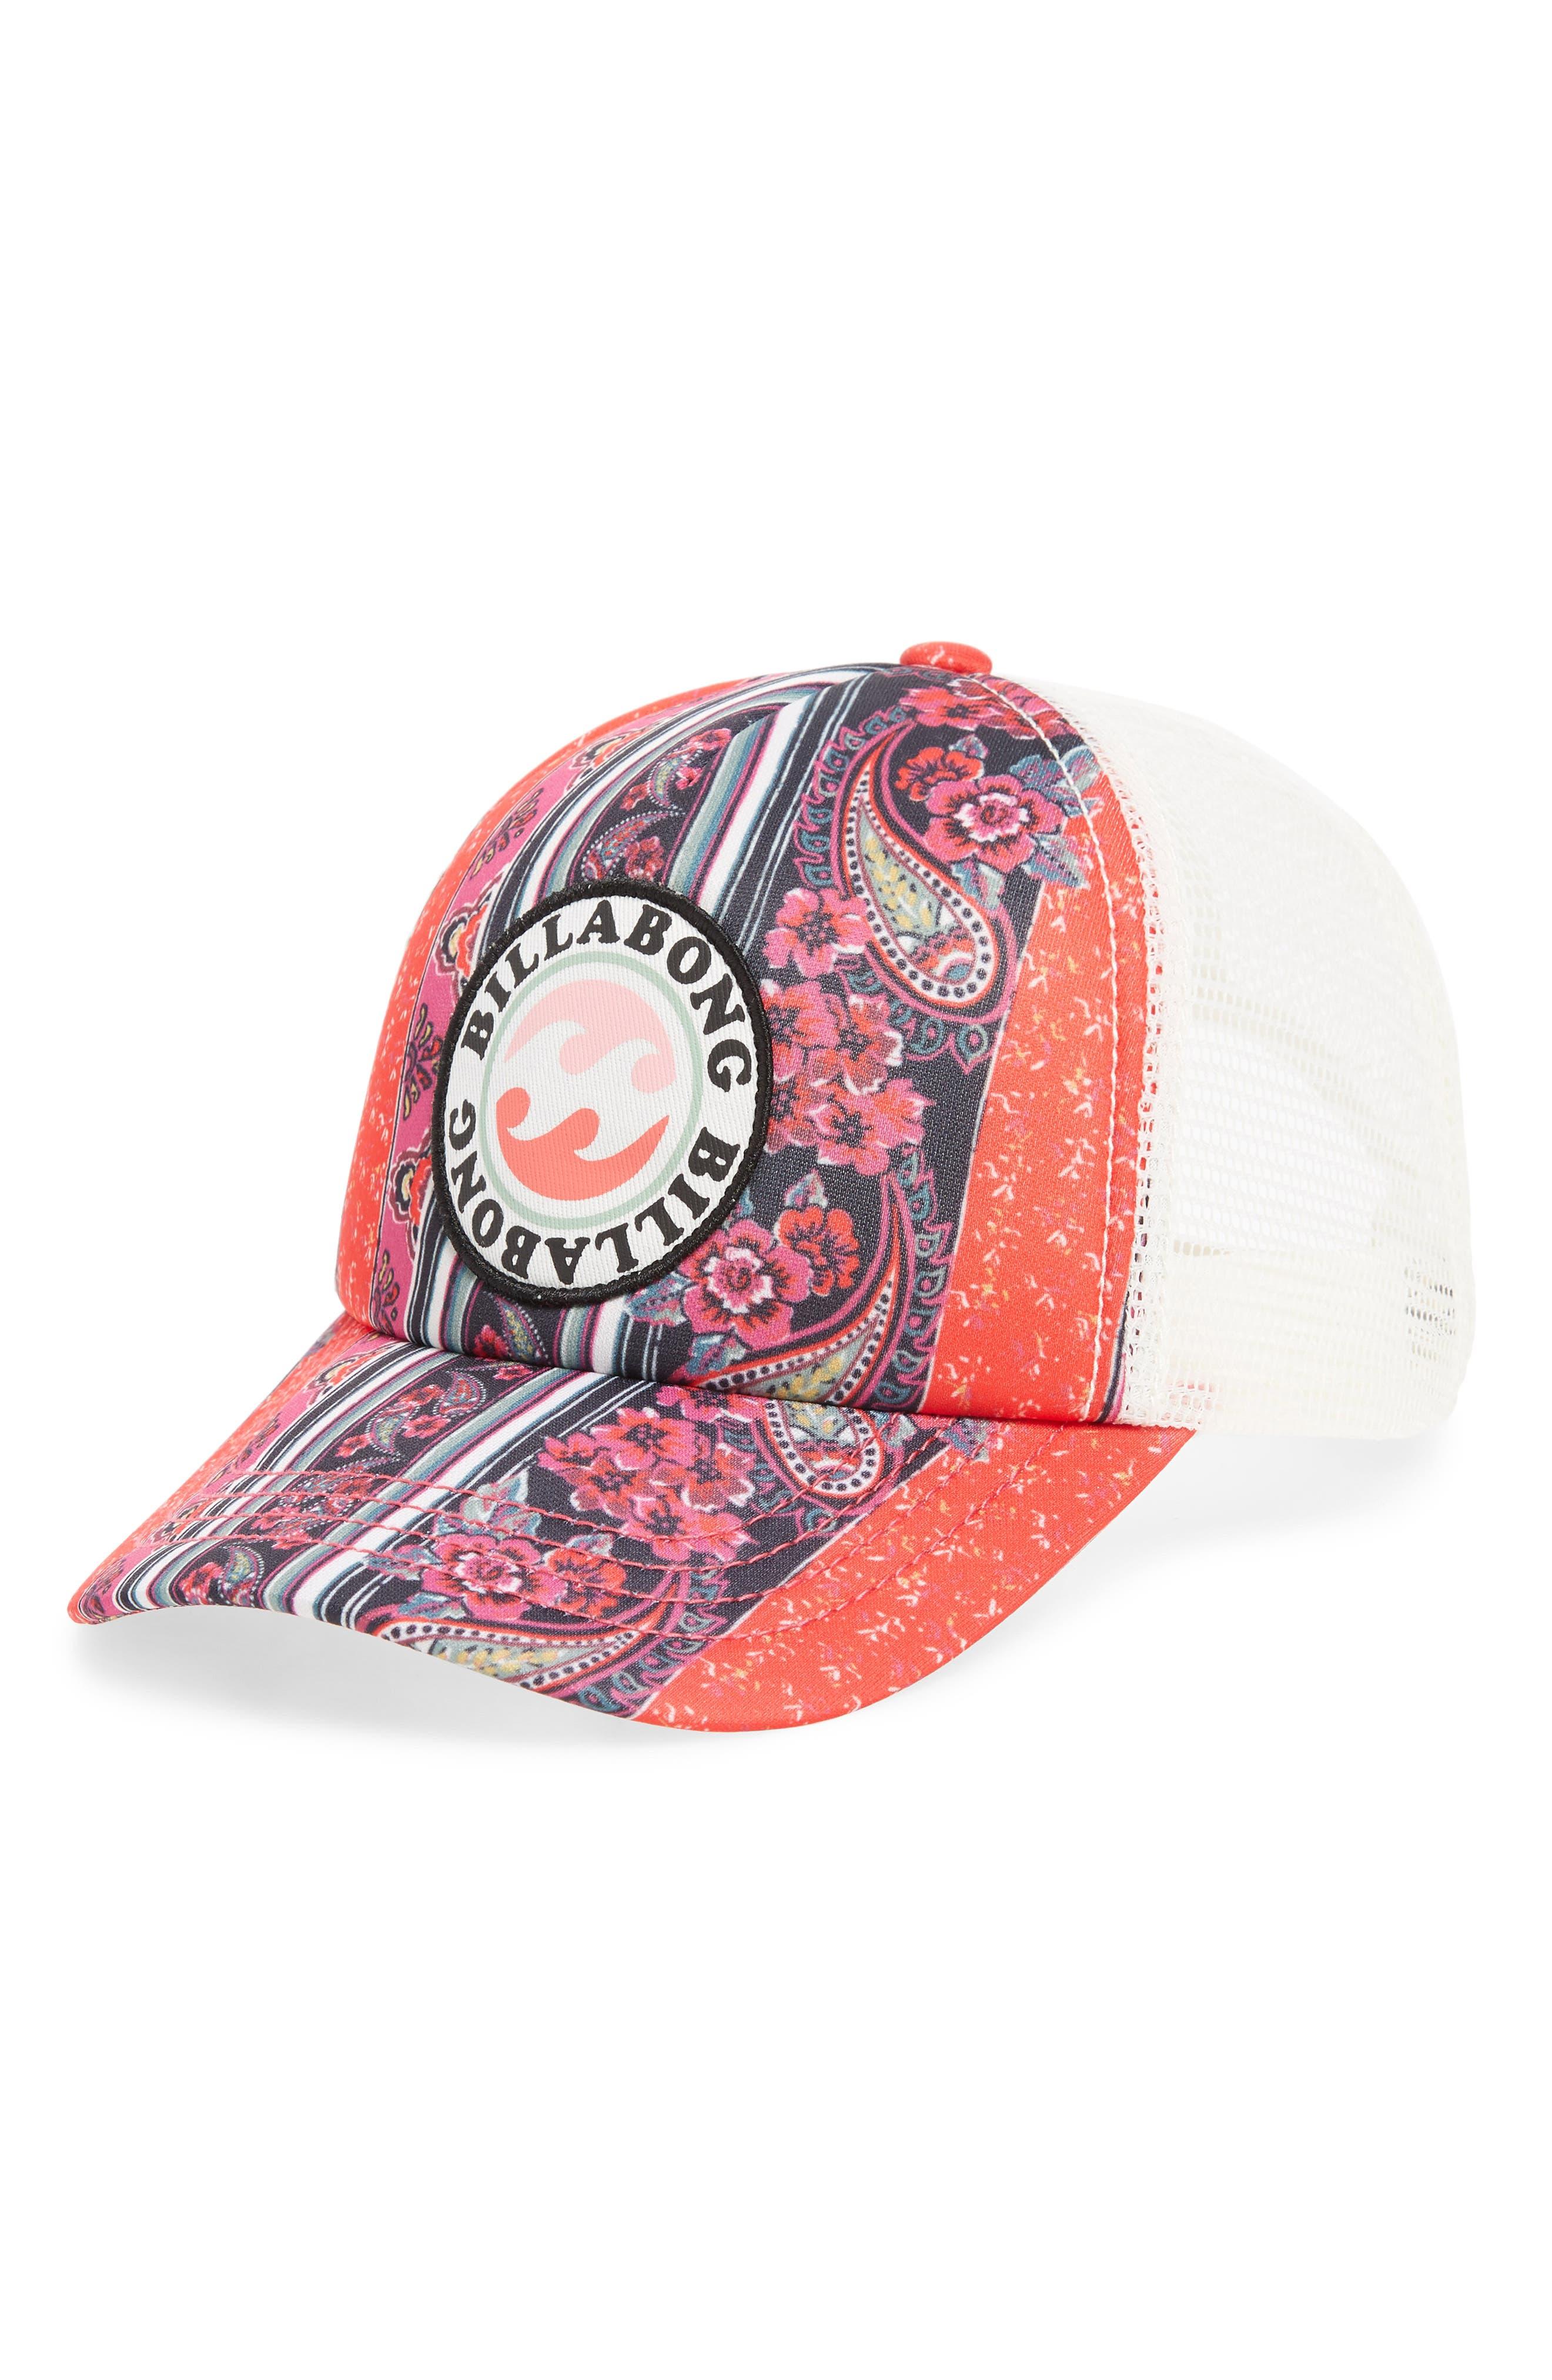 Shenanigans Snapback Cap,                         Main,                         color, REBEL PINK